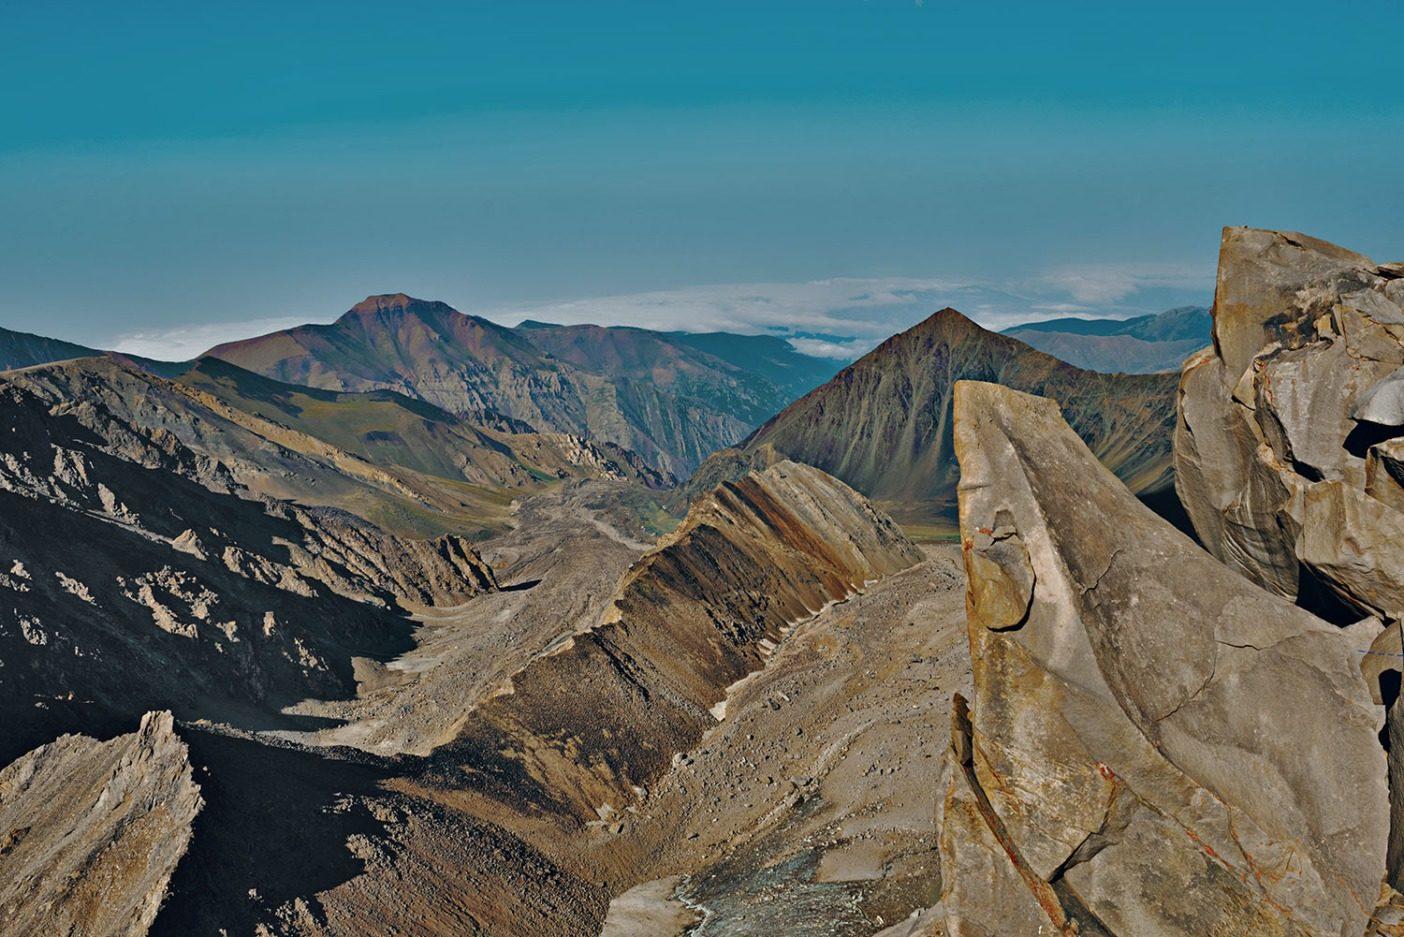 アラムクーの山頂からギザギザに伸びる尾根が、まるで花崗岩でできた巨大なステゴサウルスの背中のように切り立っていた。乾燥した茶色の頂や谷は標高差約4,800メートル下で雲に覆われたカスピ海へとつづく。イランで2番目に高いアラムクーは、イラン北部を分断する狭い高地に連なる峰々と火山帯であるアルボルズ山脈の一部。この山脈はカスピ海の湿った空気を封じ、南に広がるイラン高原に乾燥した雨陰を形成する。その野生的で壮大な風景は、ゾロアスター教の宇宙の山々とも名前を共有し、太陽や月や星を超越した世界の中心にあると信じられている。アルボルズ山脈とアラムクーは、ほとんどの人間が住む混雑した目まぐるしい都会から逃れることを望むイラン人にとって、寓話の世界として存在する。これらの高山は、イランの日常生活の一部であるしきたりや制限、国の監視から逃げるための避難地だ。 Photo: Beth Wald